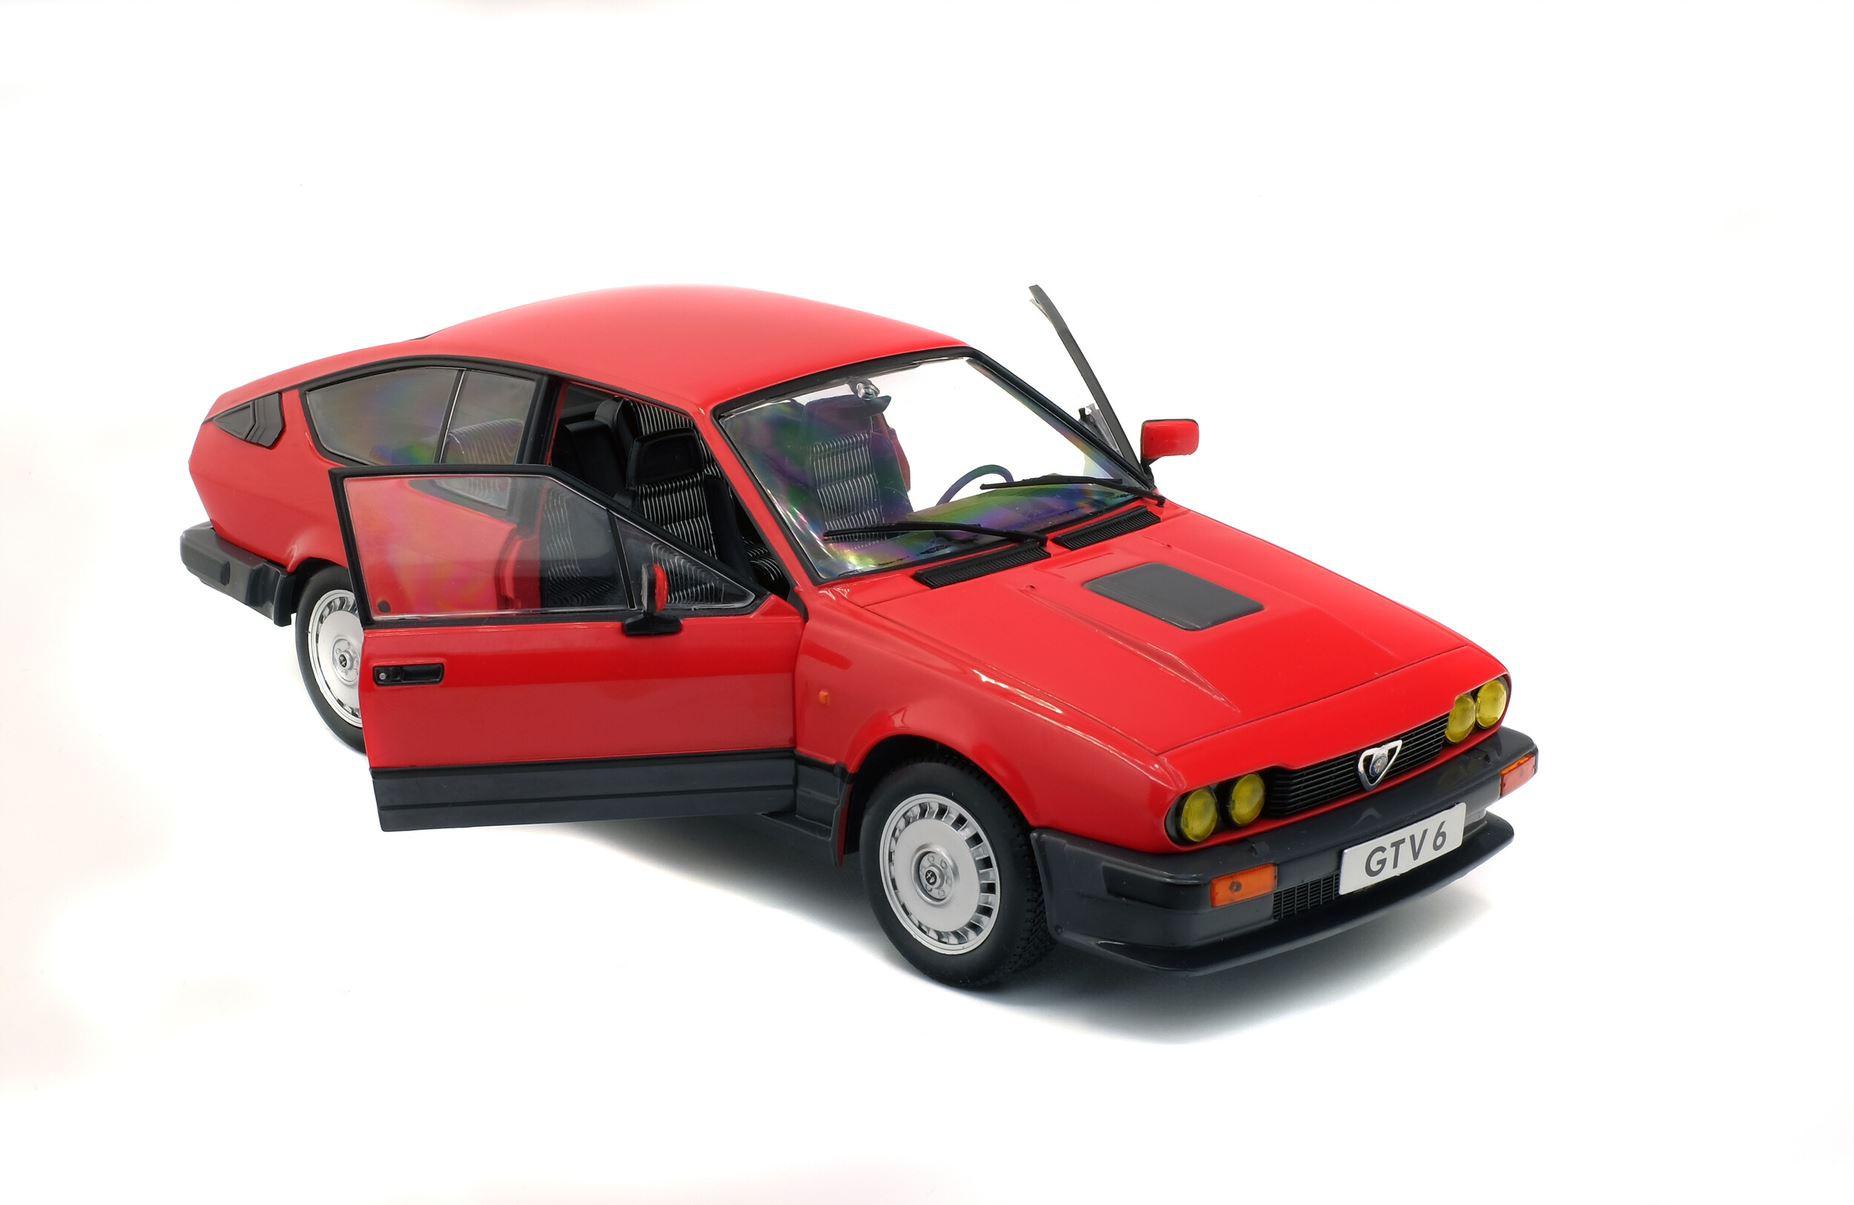 Alfa Roméo GTV6 Red 1984